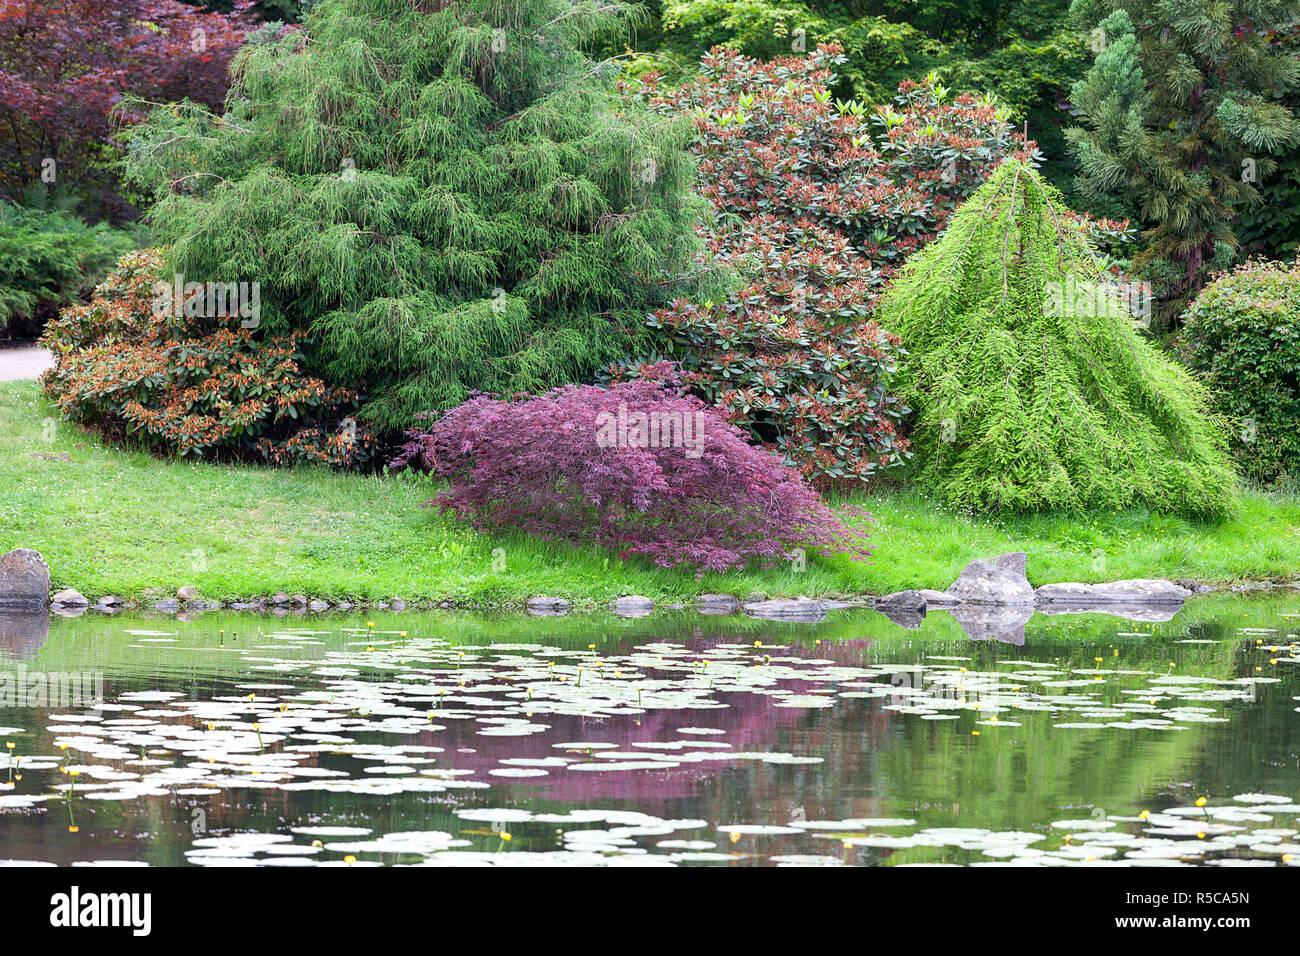 Lieblings Japanischer Garten, exotischen Pflanzen, Wroclaw, Polen Stockfoto @FF_11